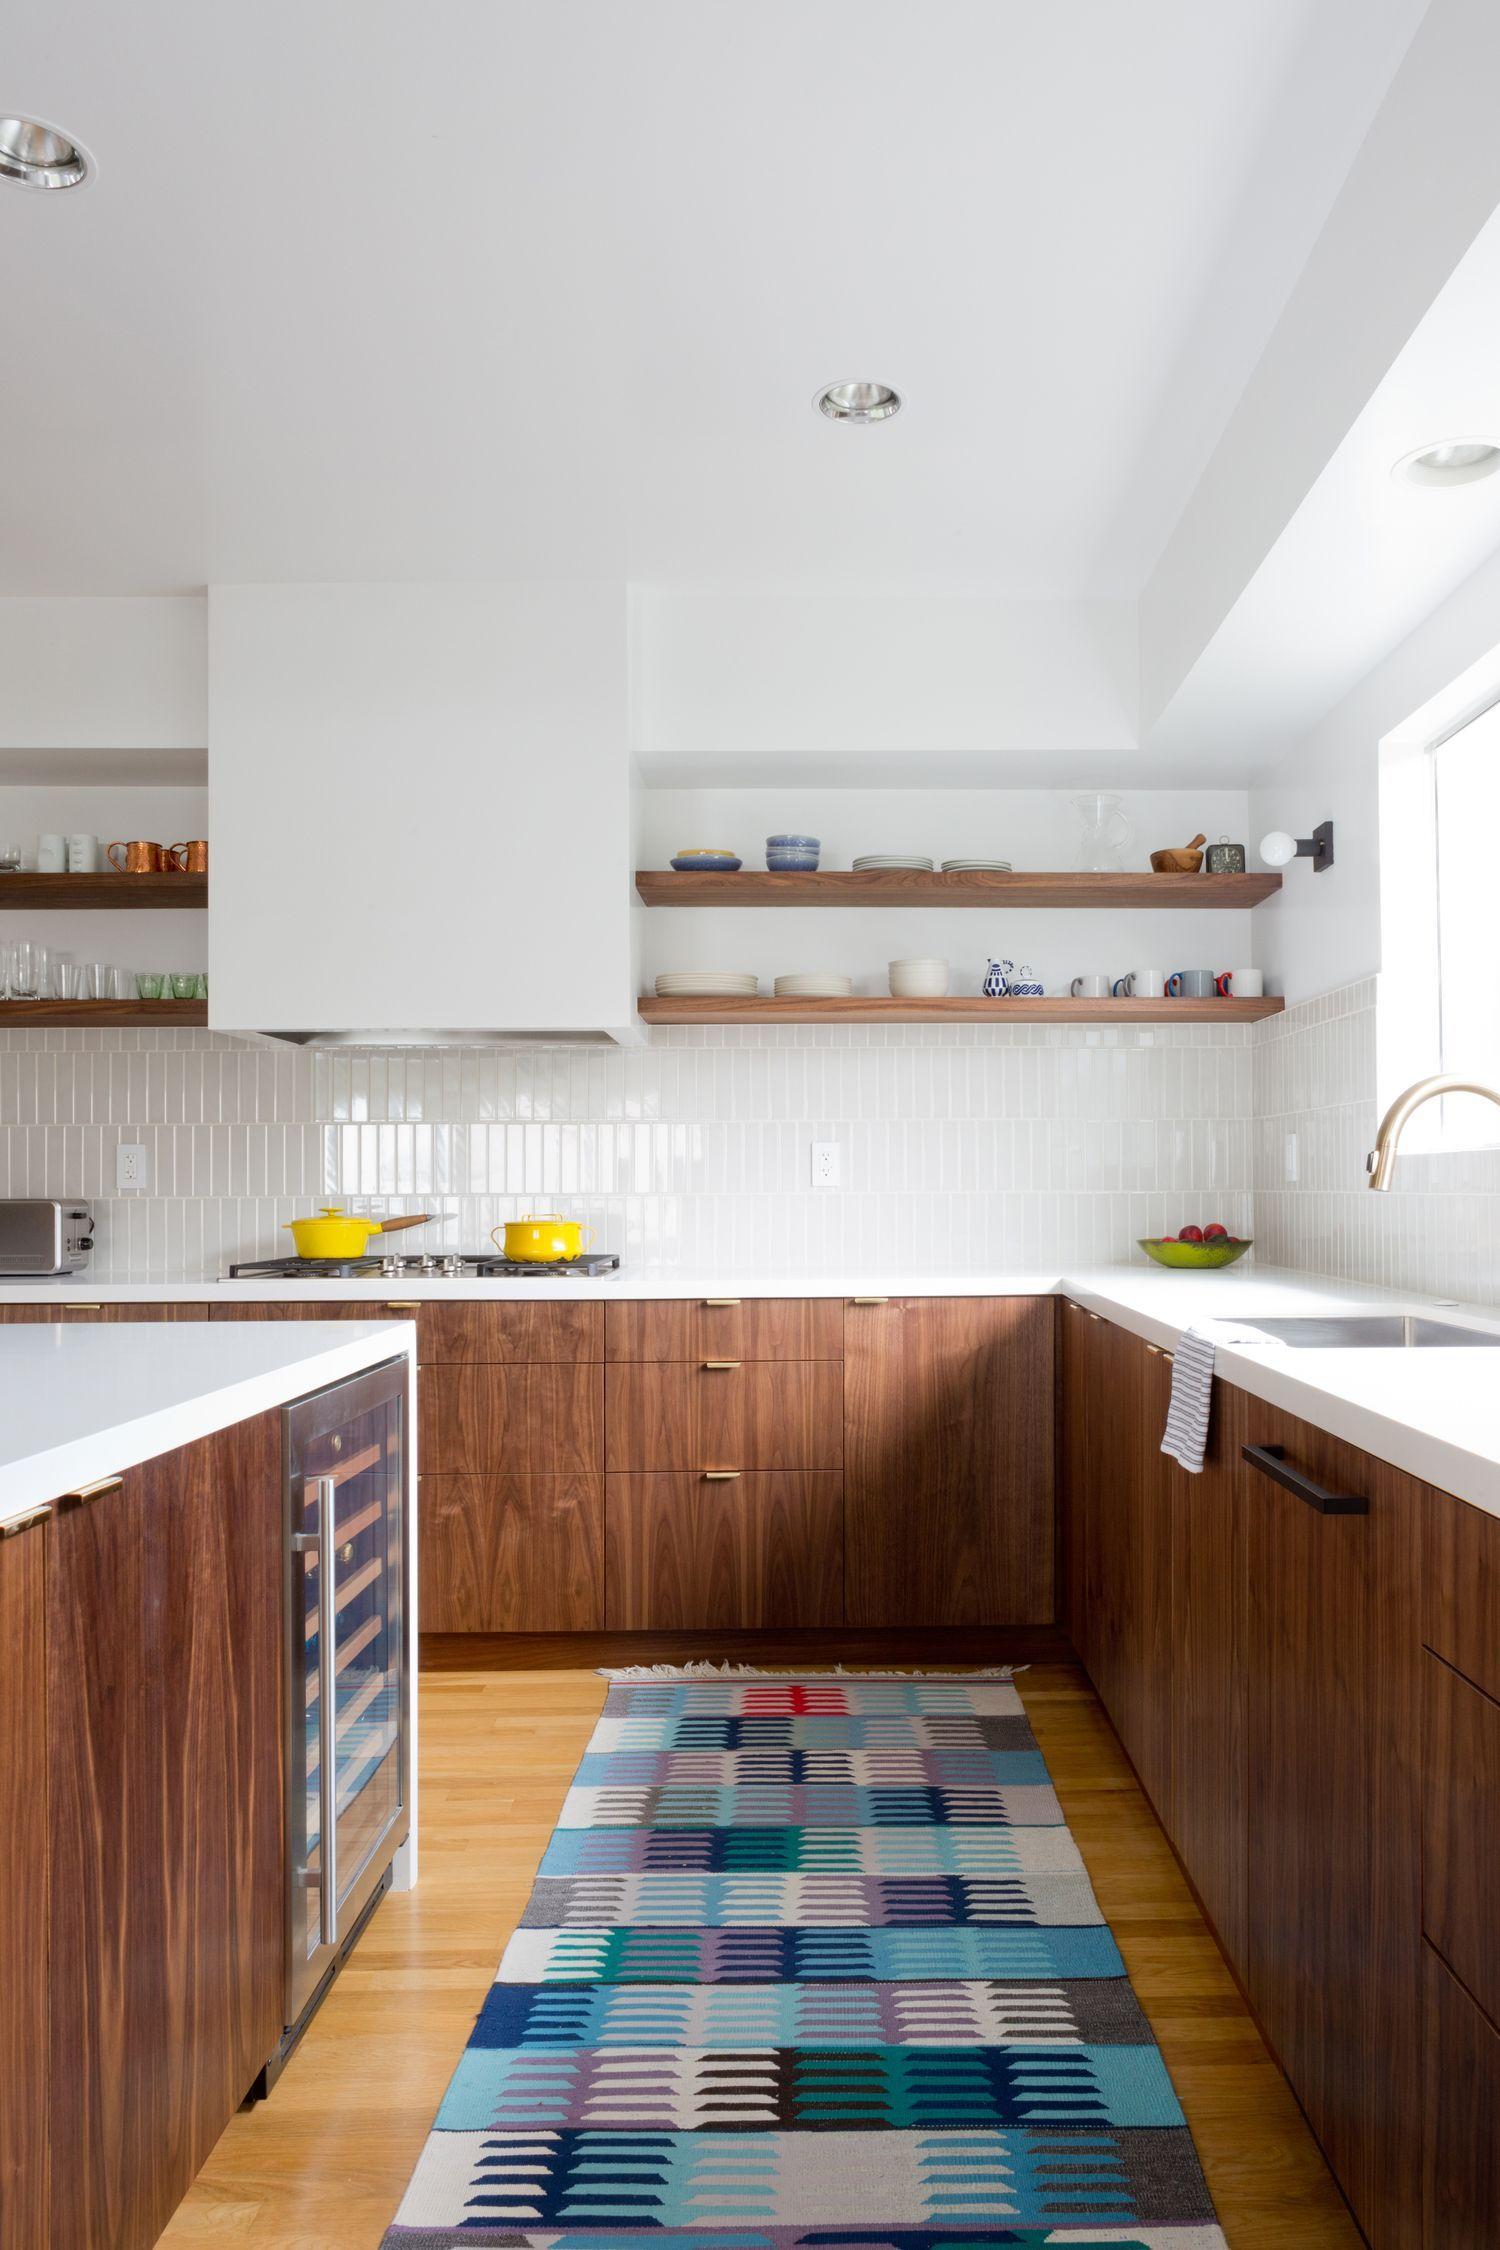 Gorgeous walnut kitchen design with midcentury modern feel - love ...